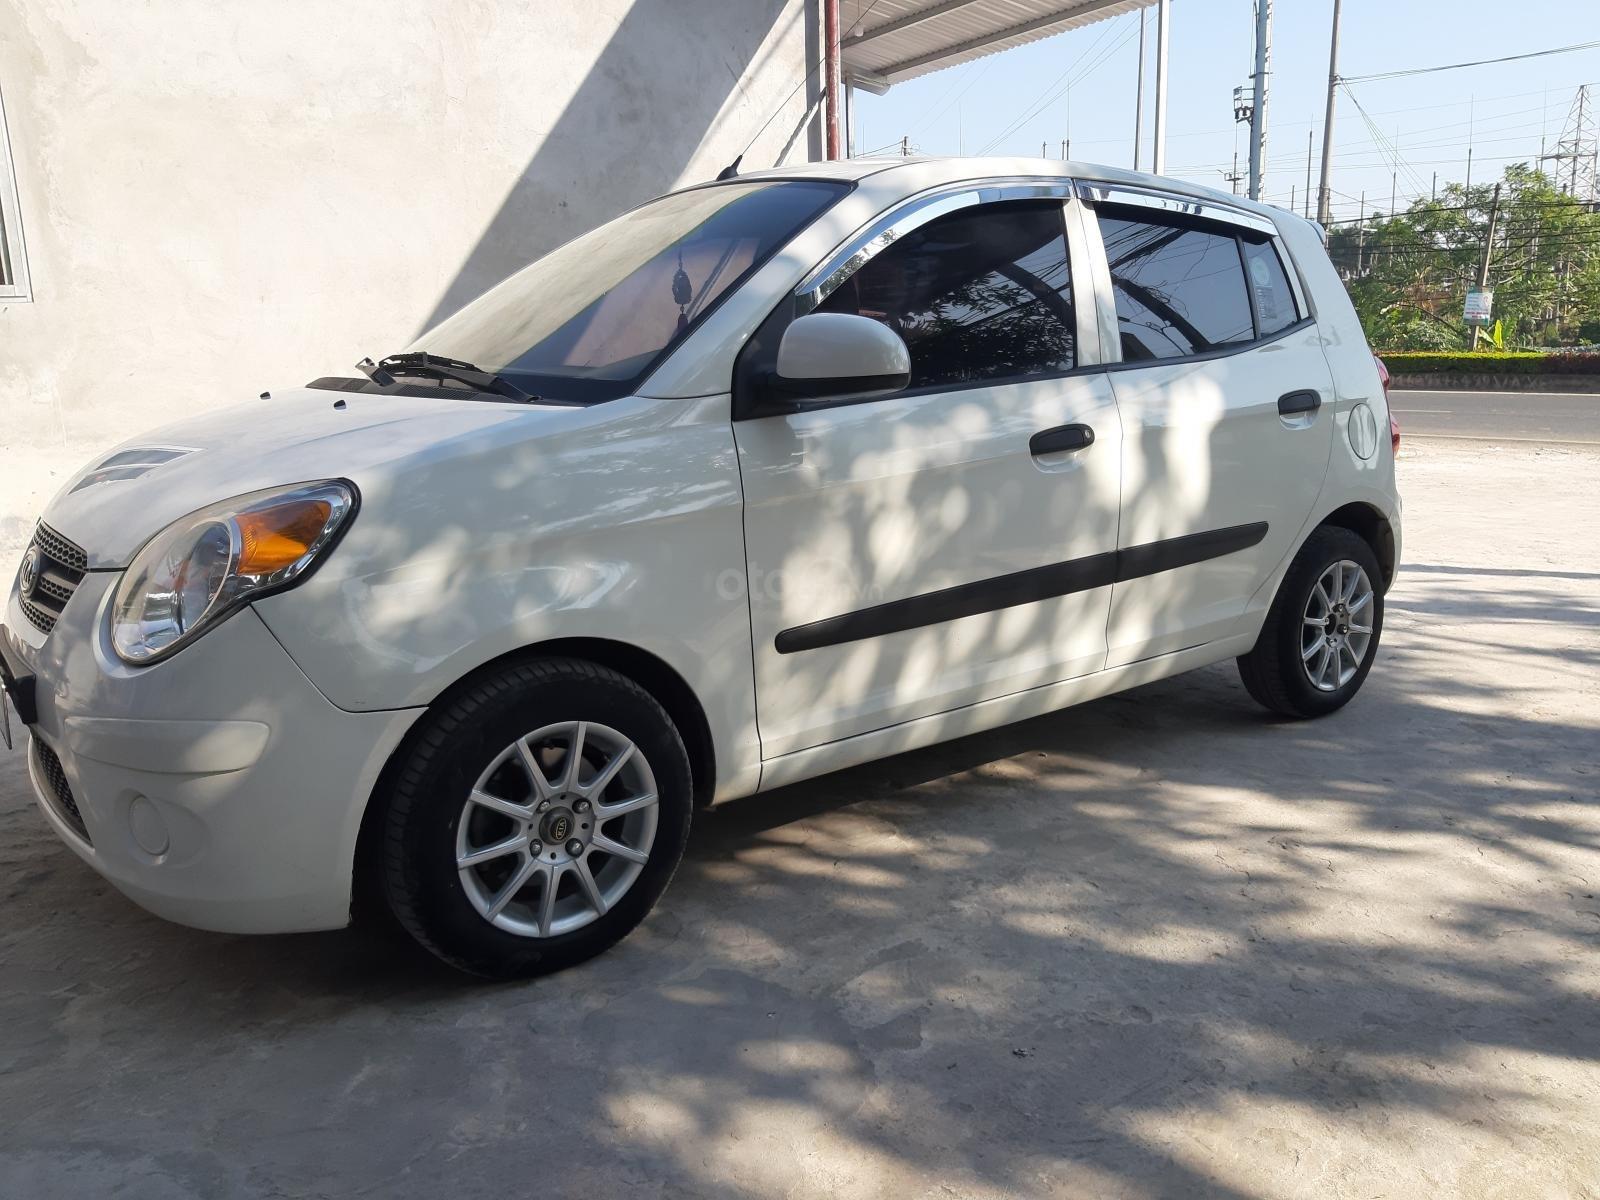 Bán xe Kia Morning năm 2010, màu trắng, nhập khẩu nguyên chiếc số tự động, giá tốt (1)